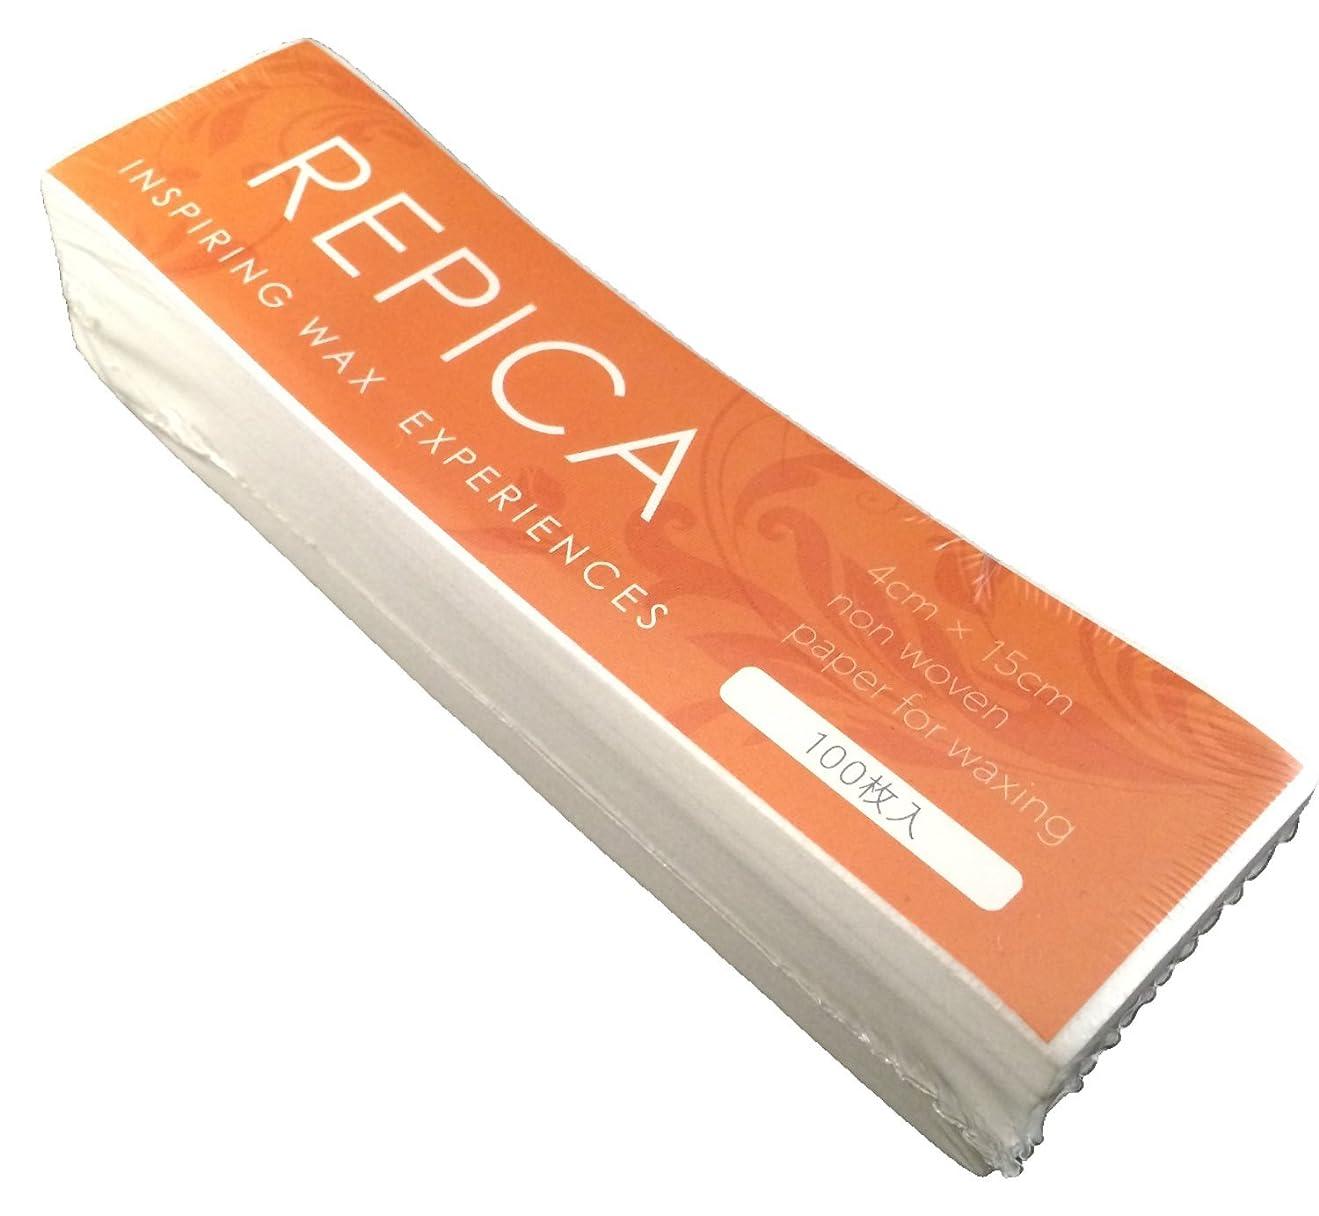 突然ロープホールREPICA ブラジリアンワックス脱毛 カットペーパー Sサイズ100枚入り×5個セット ワックス脱毛 ワックスシート ストリップシート